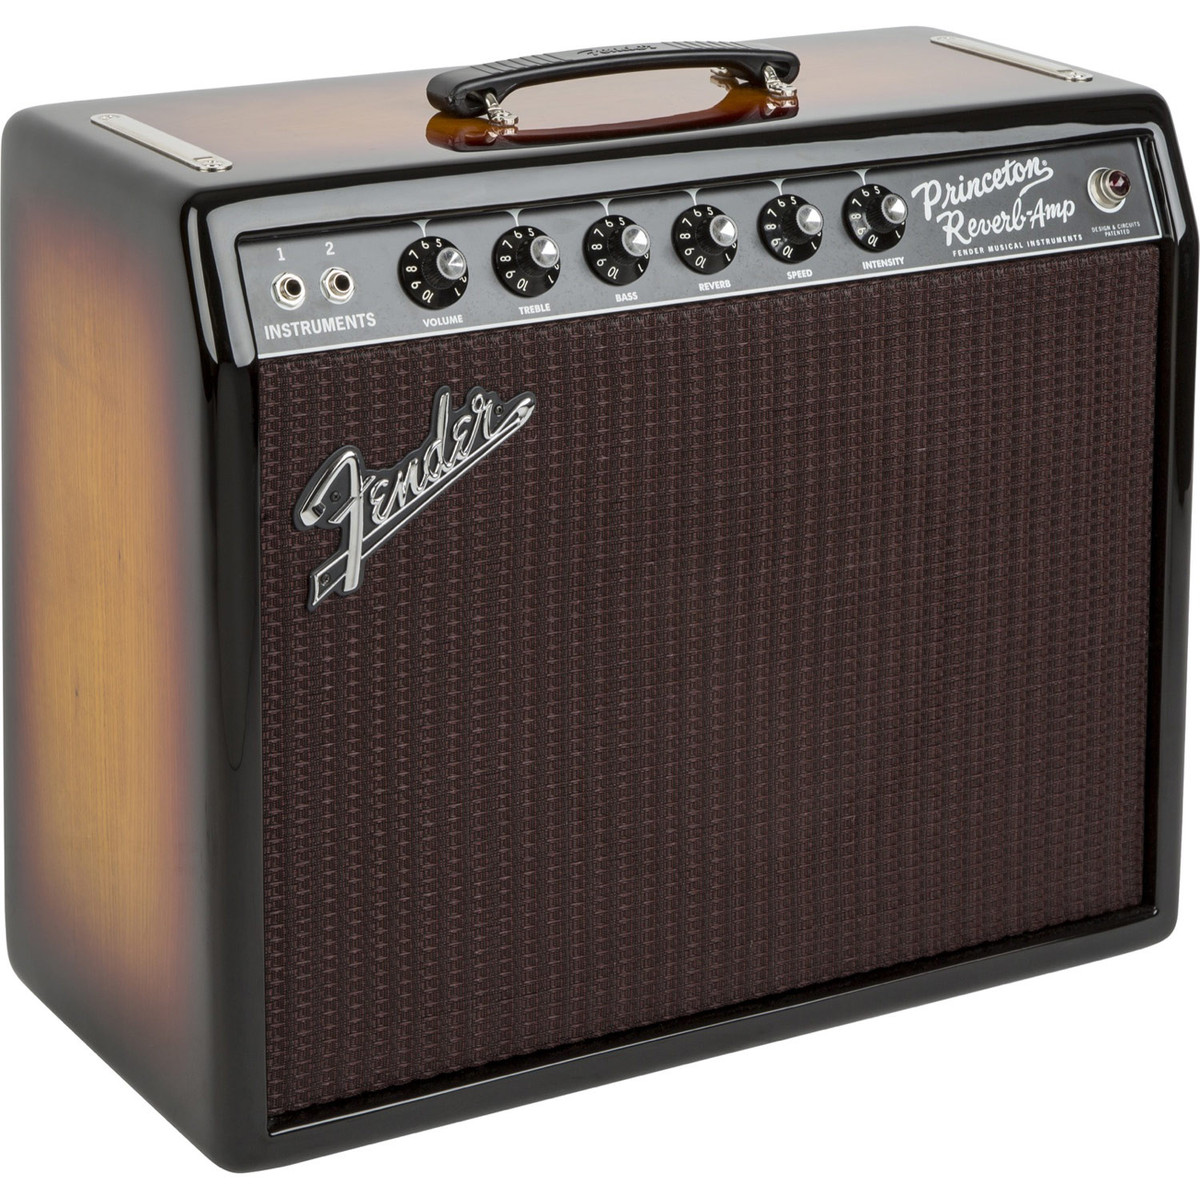 fender fsr 39 65 princeton reverb amp ash 3 tone sunburst at gear4music. Black Bedroom Furniture Sets. Home Design Ideas